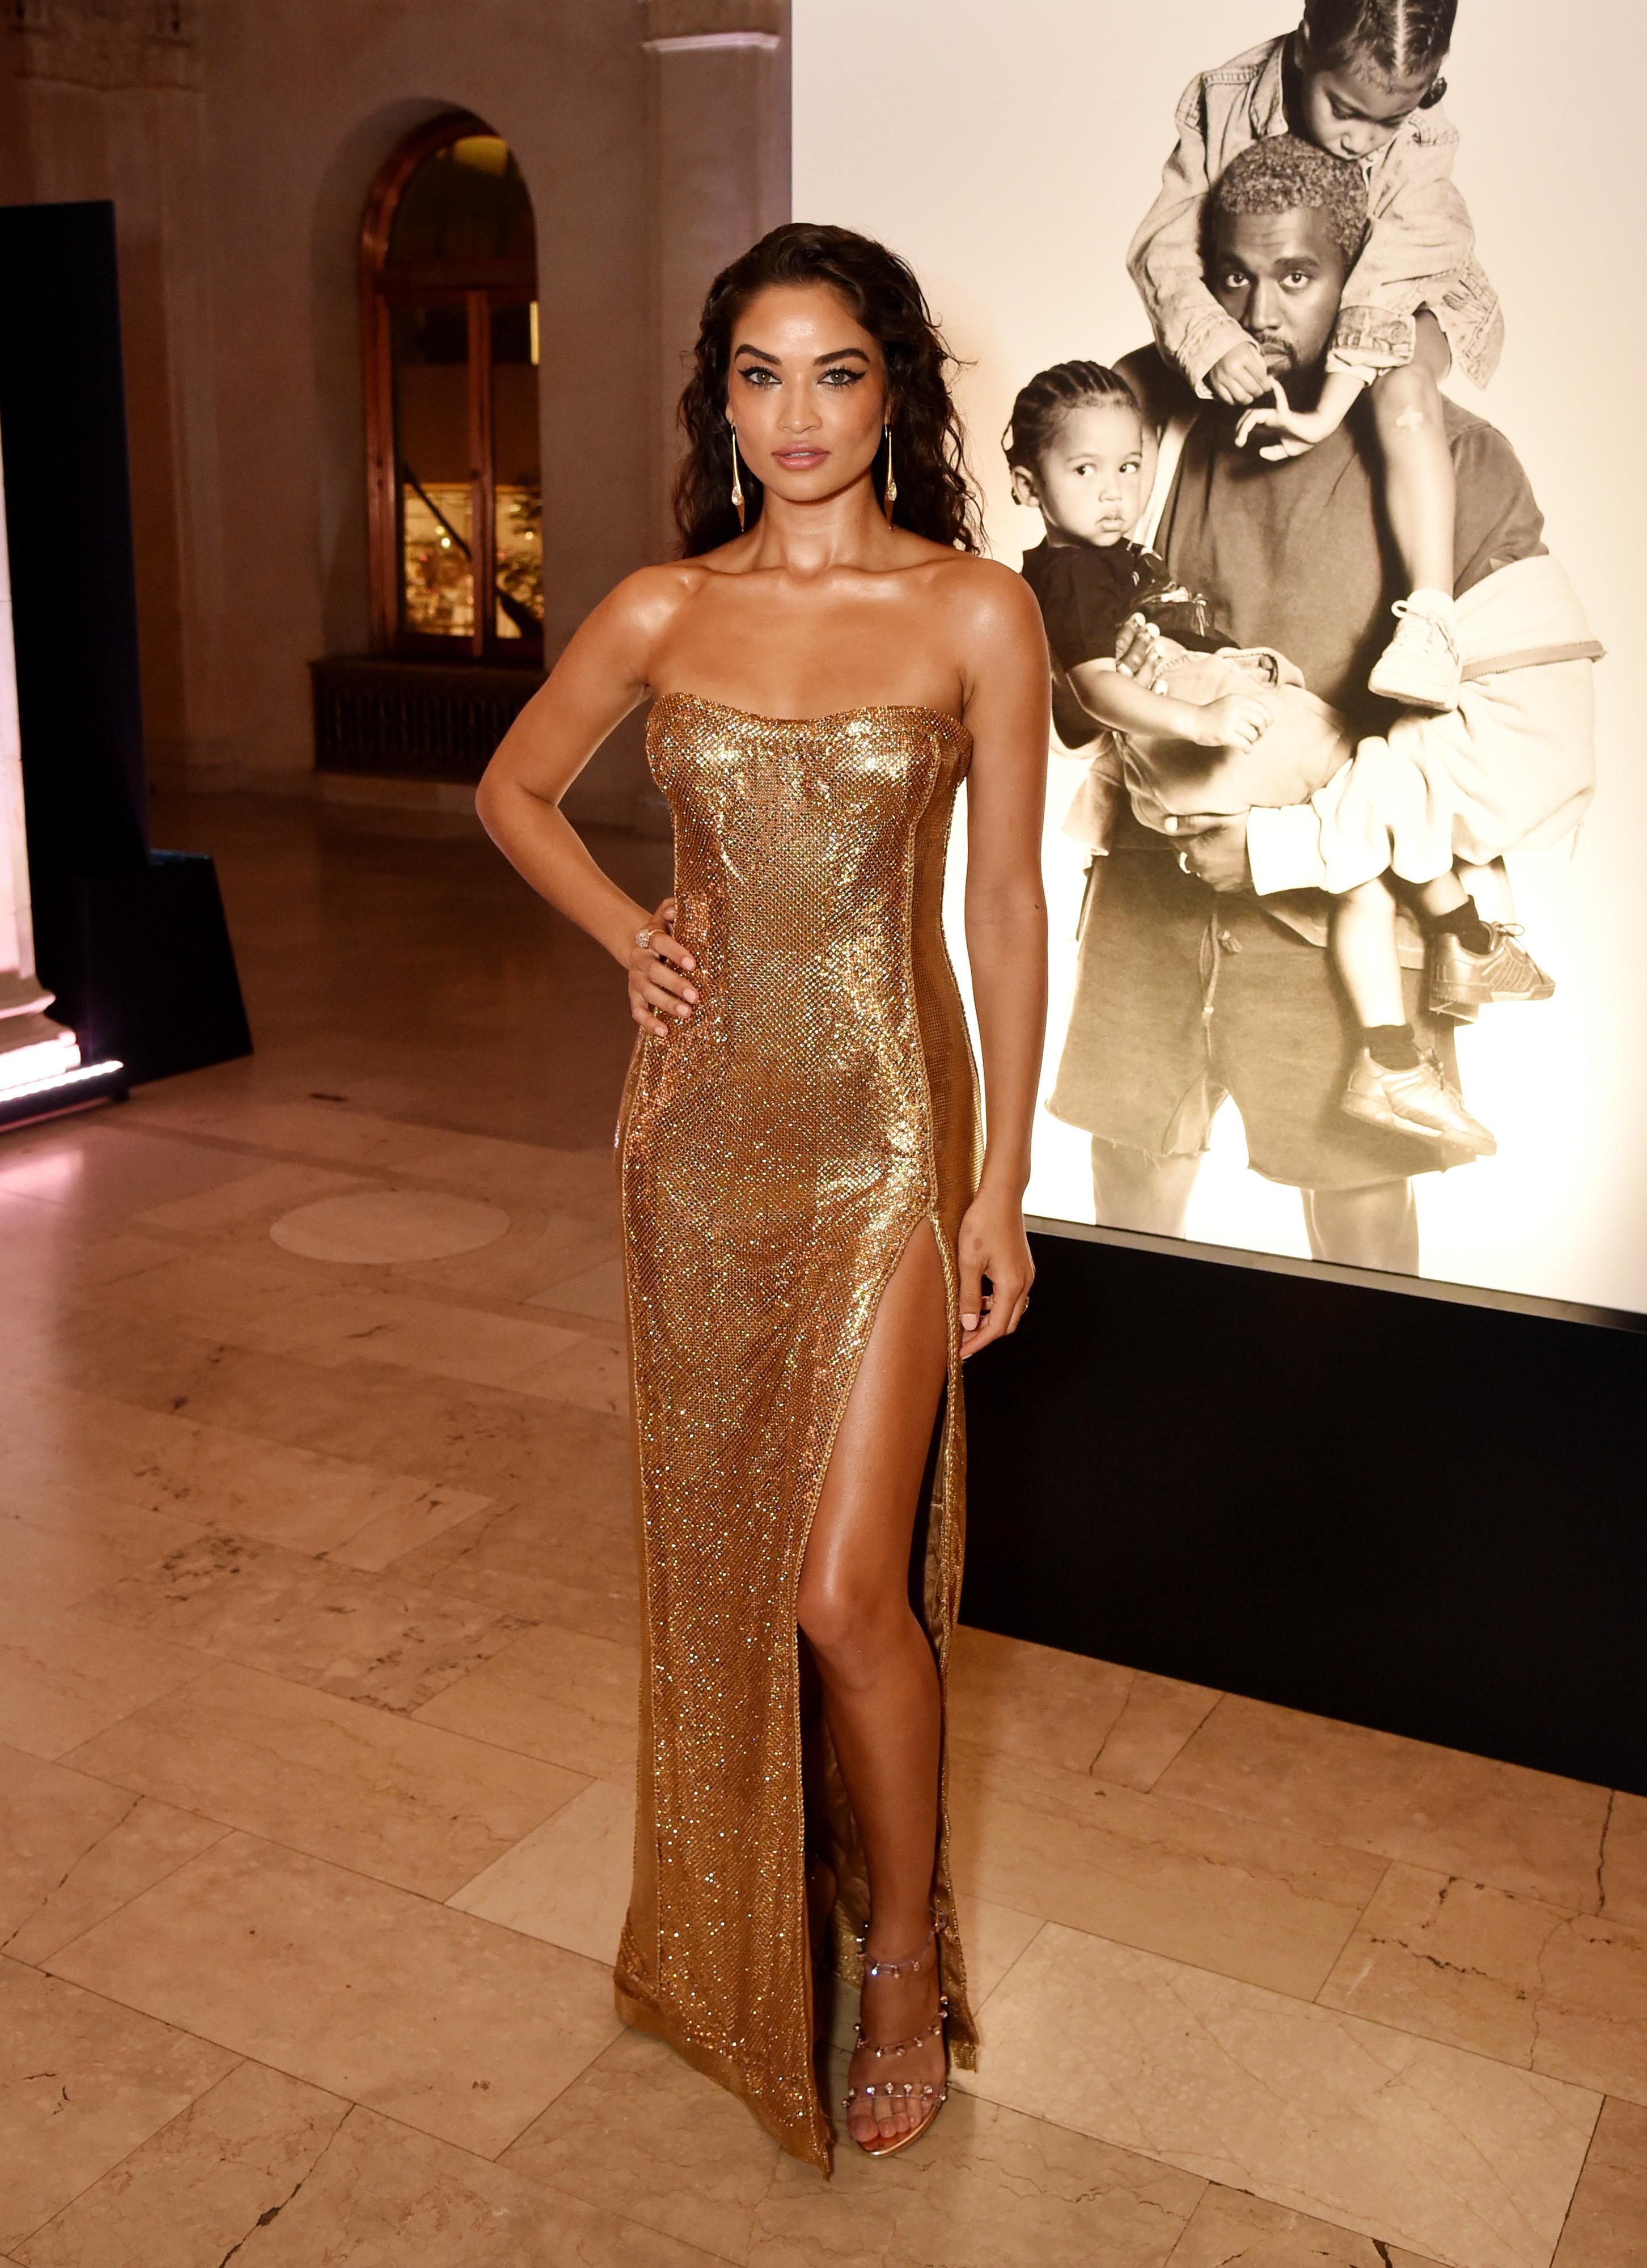 """Шанина Шейк е едно от най-атрактивните лица в редиците на Victoria's Secret. Моделът от латвийски произход се присъединява към """"Ангелите"""" през 2012 г., след като два пъти се явява на кастинг без успех. Именно с участието си в първото шоу на известната марка за бельо, Шейк предизвиква интереса на медиите и не само."""